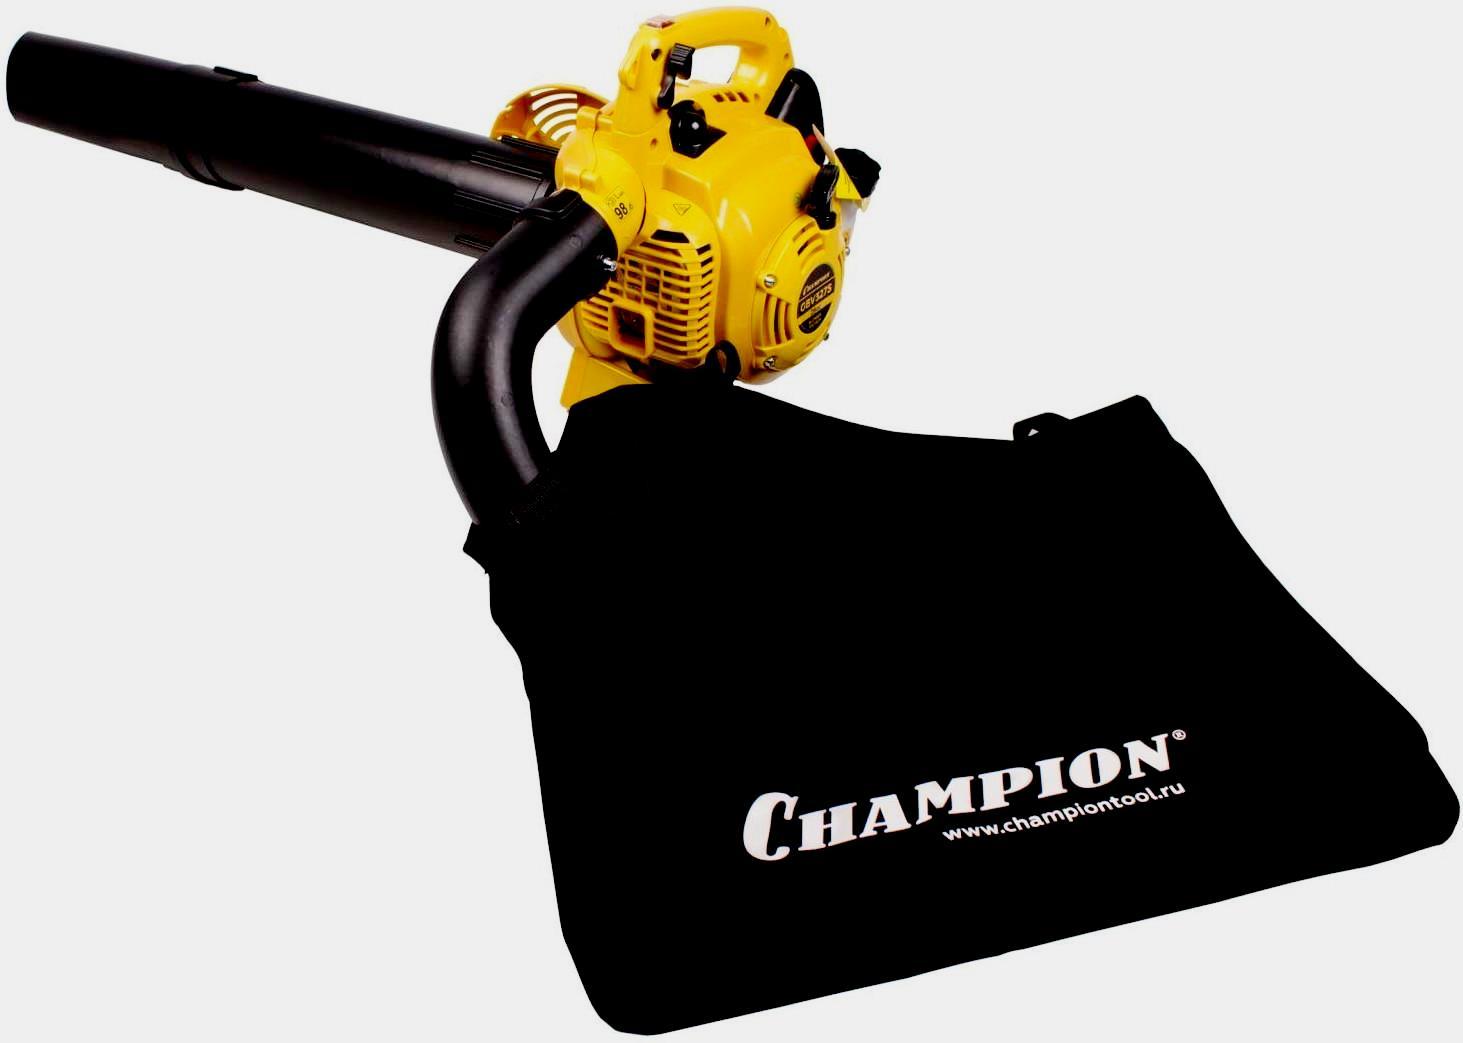 Champion GBV 326 S